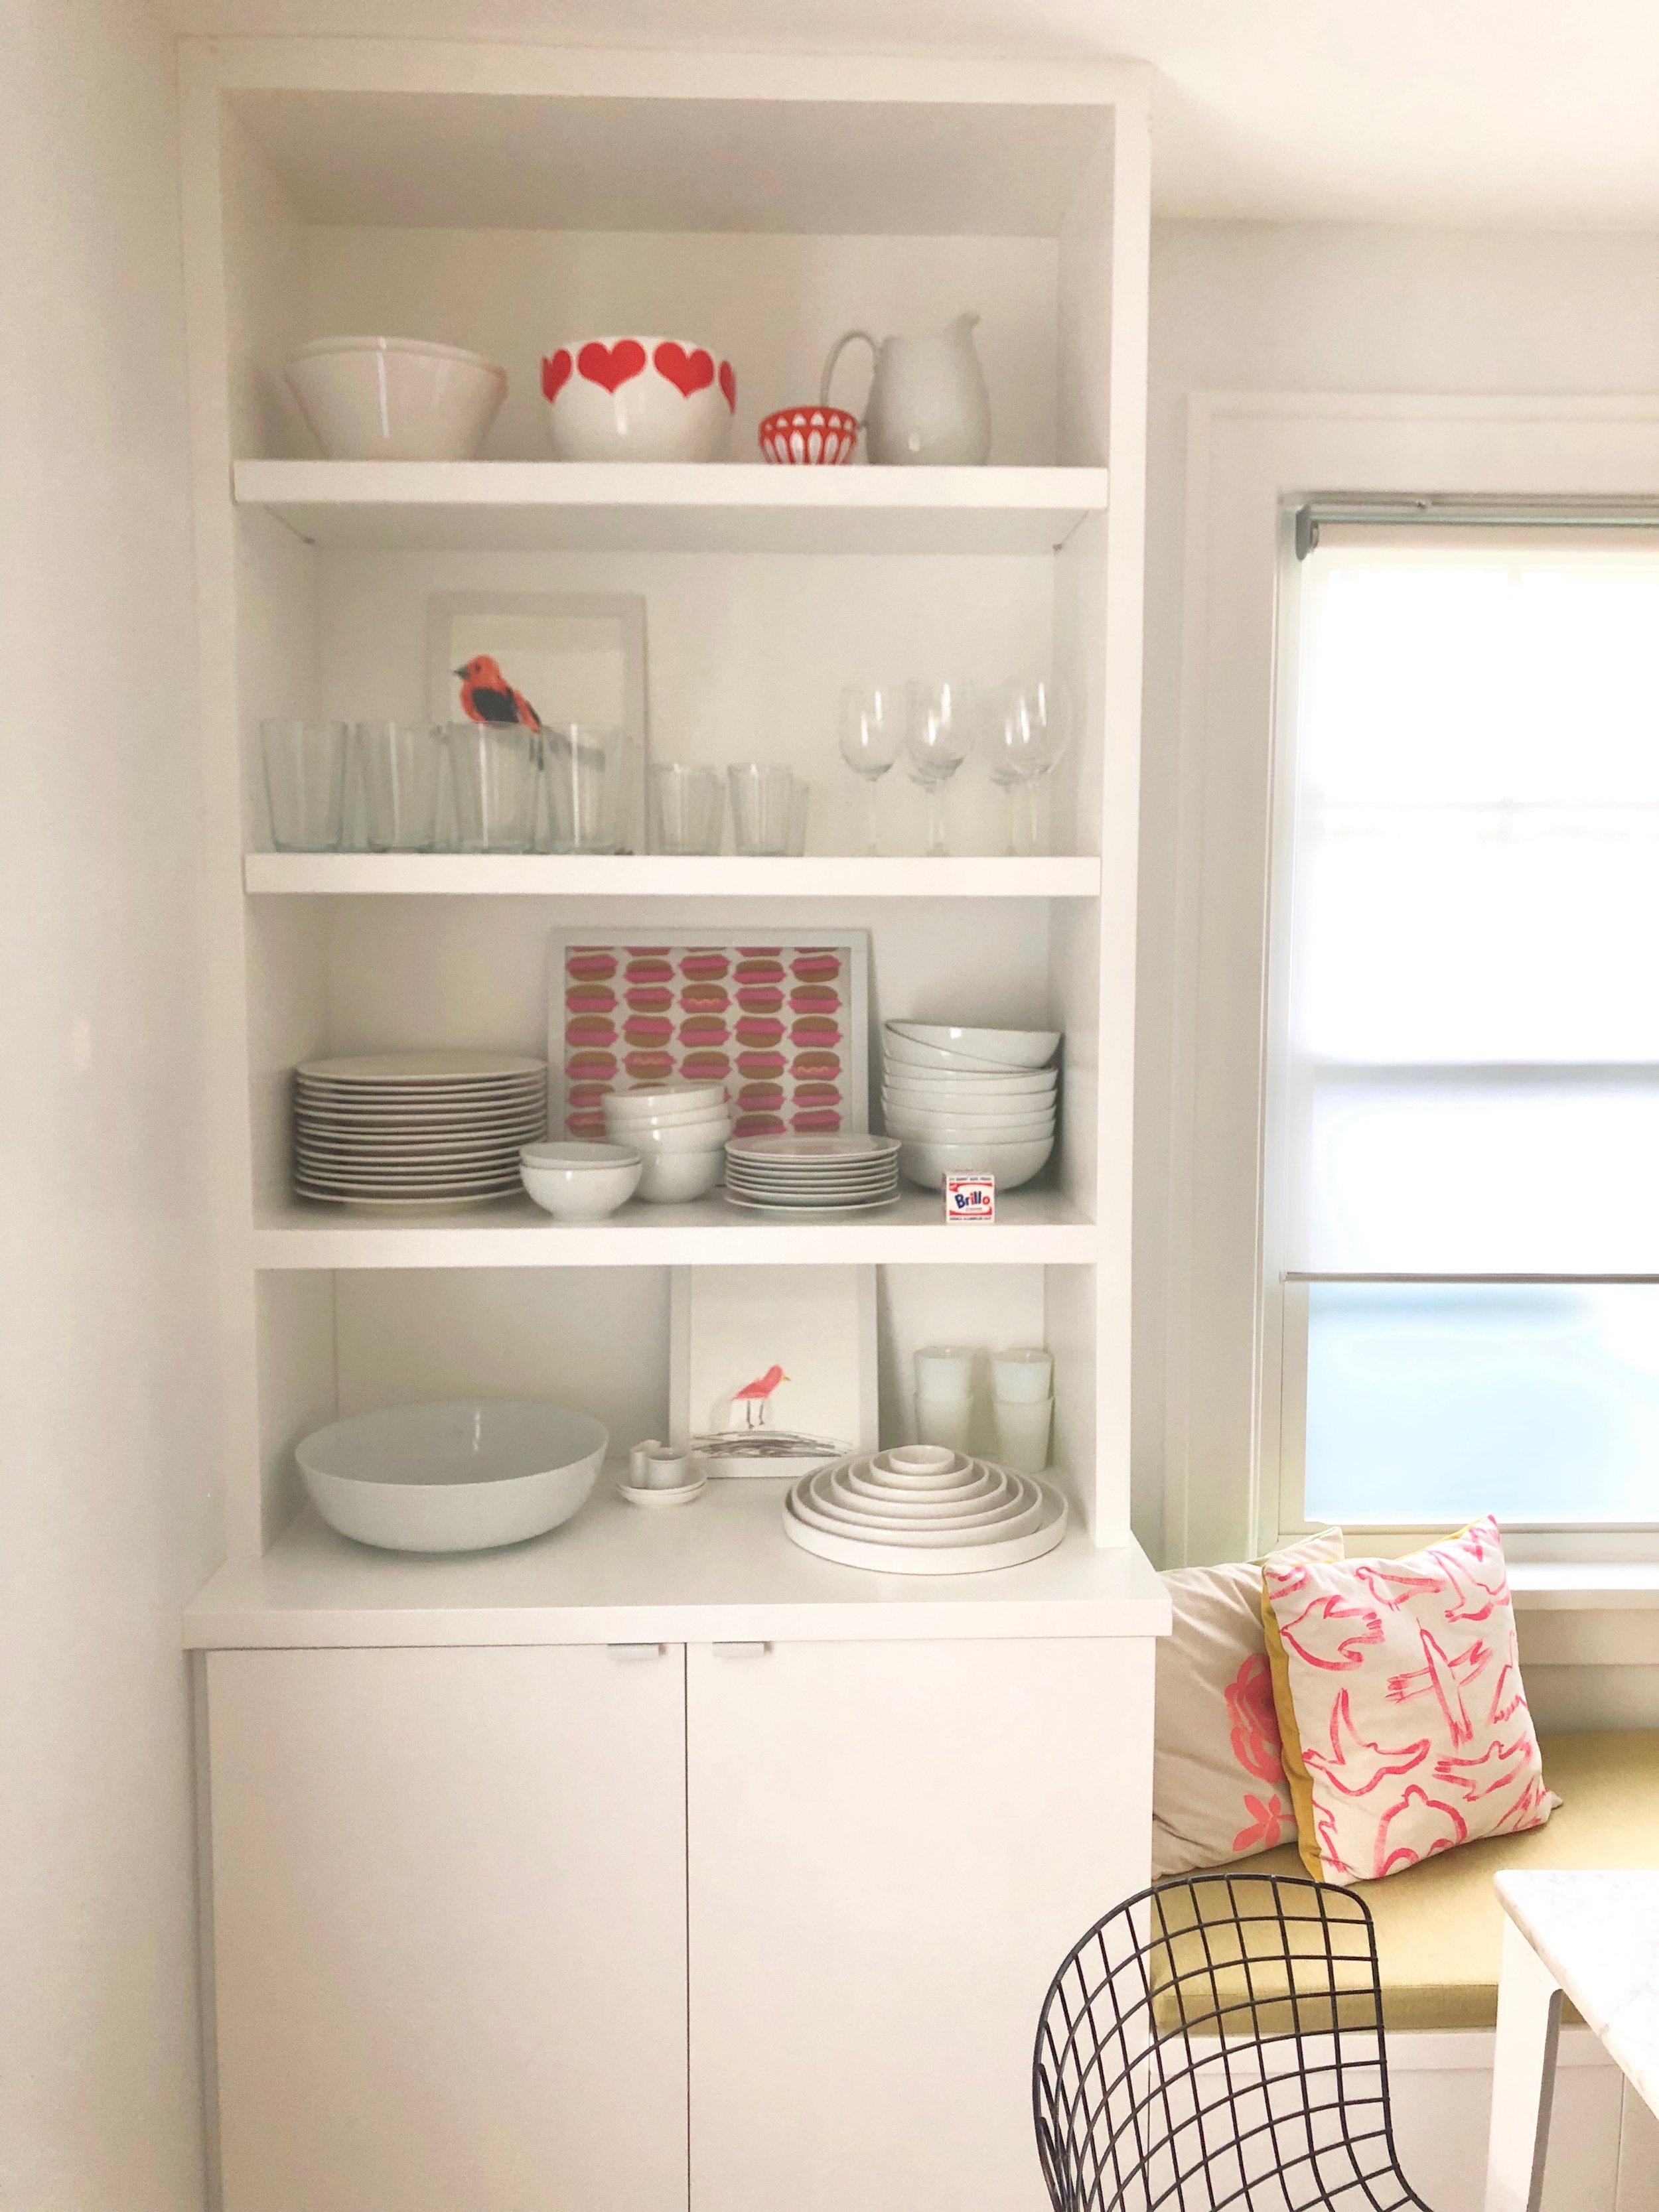 jodi levine-dining-room-shelf